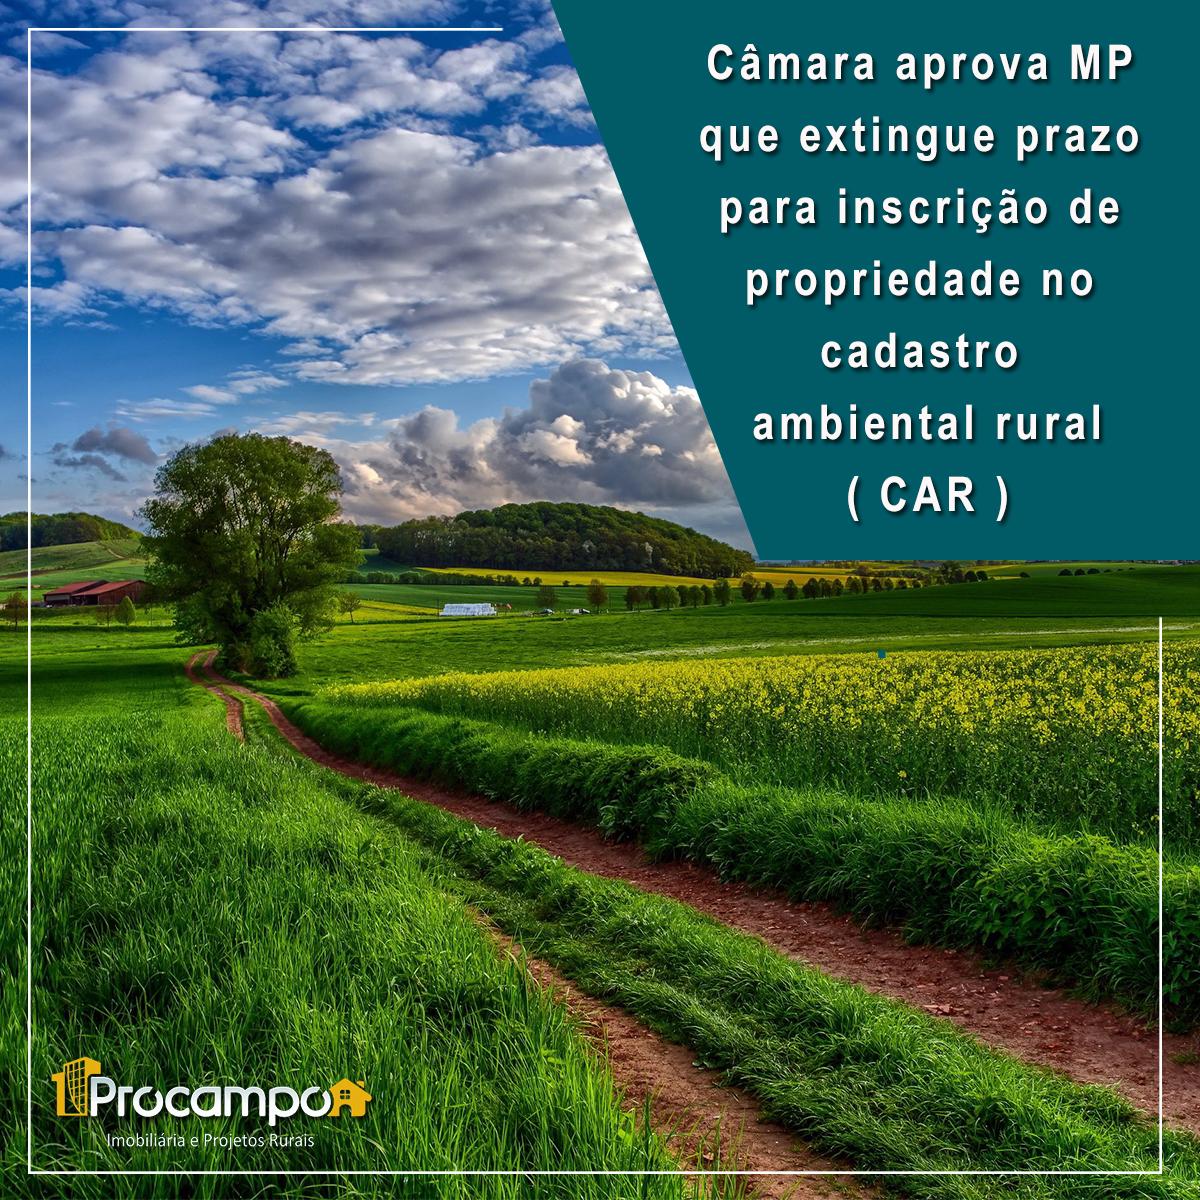 Câmara aprova MP que extingue prazo para inscrição de propriedade no cadastro ambiental rural (CAR)